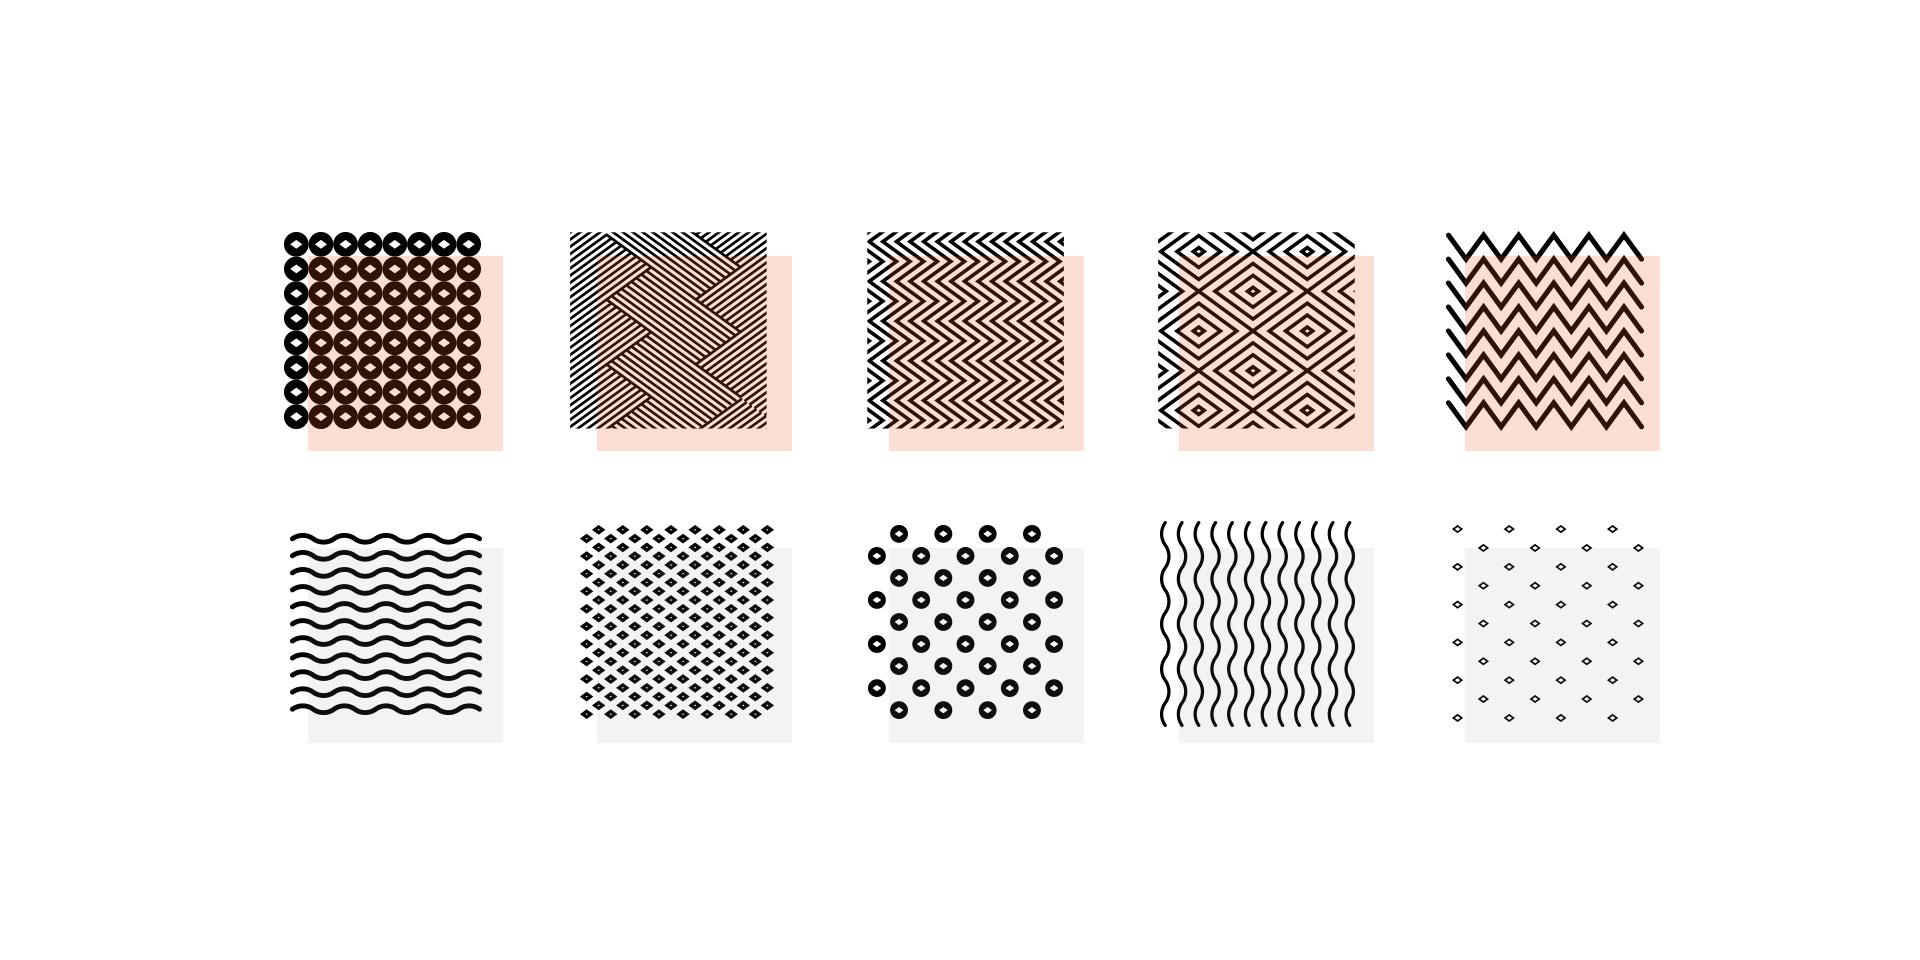 wb_pattern